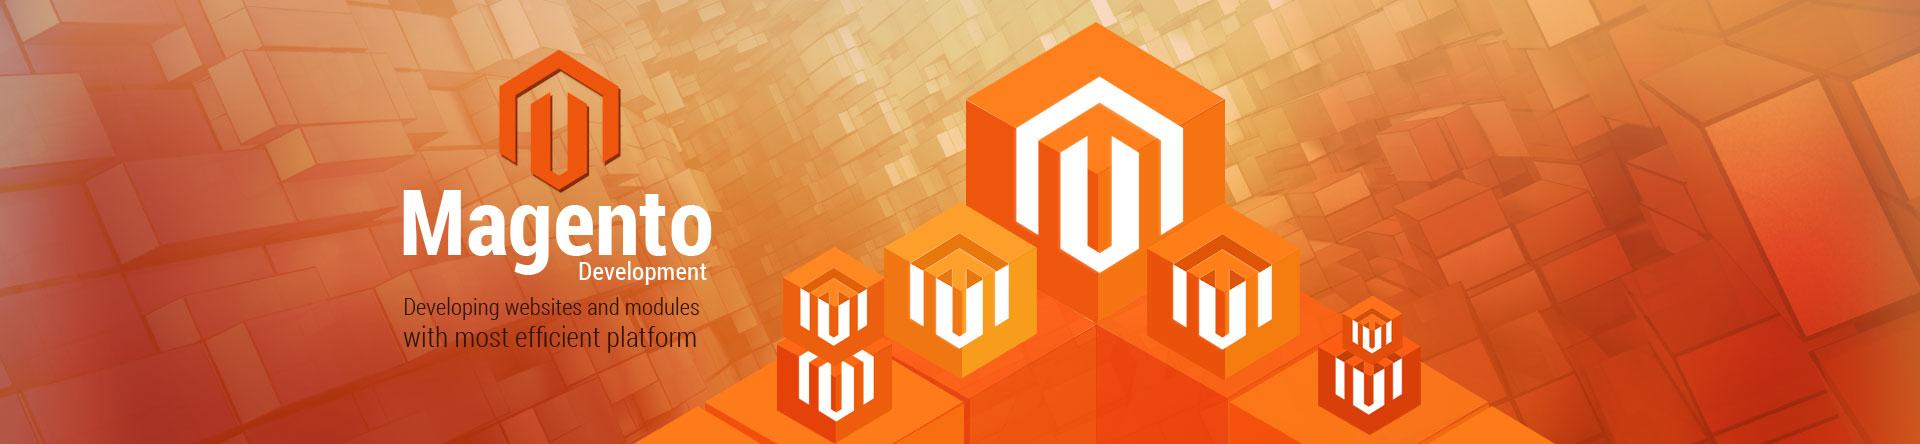 Magento a Magento developeri partneri Optimat